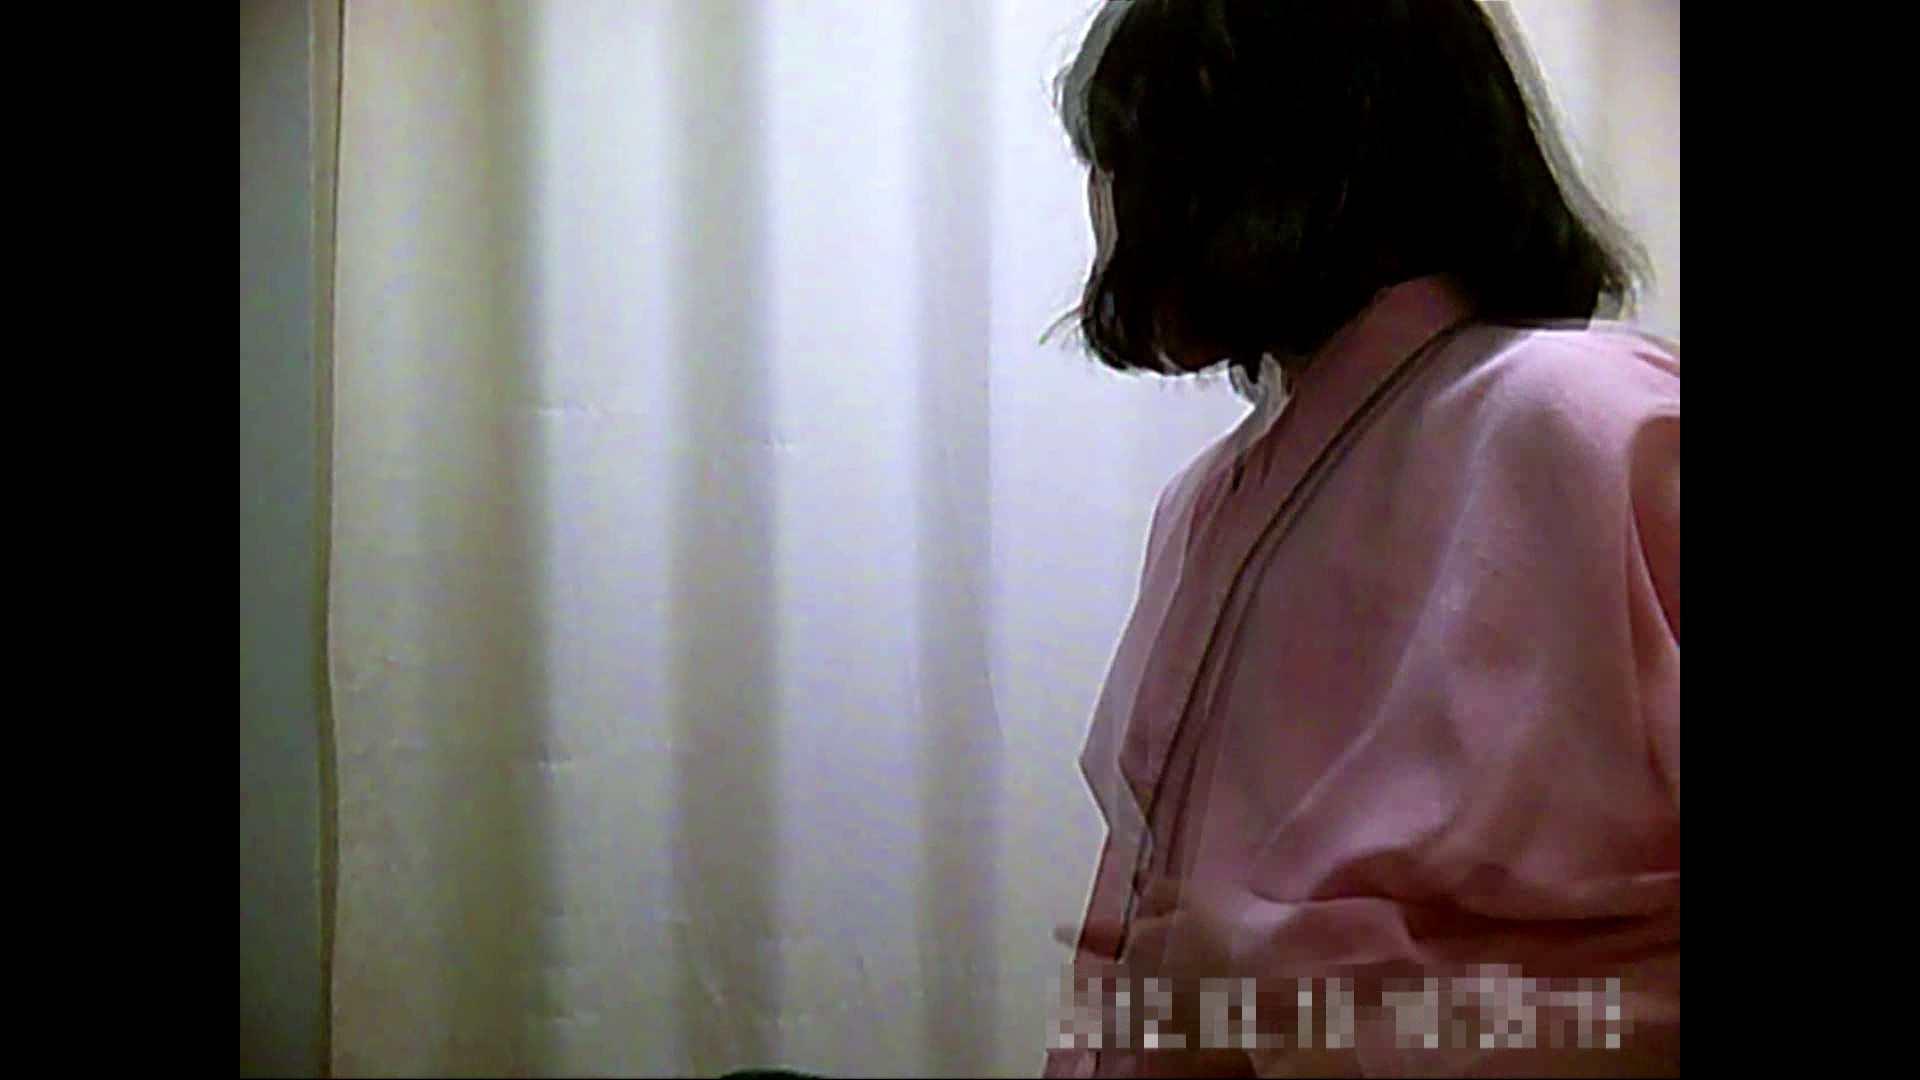 元医者による反抗 更衣室地獄絵巻 vol.029 エッチすぎるOL達  93連発 30